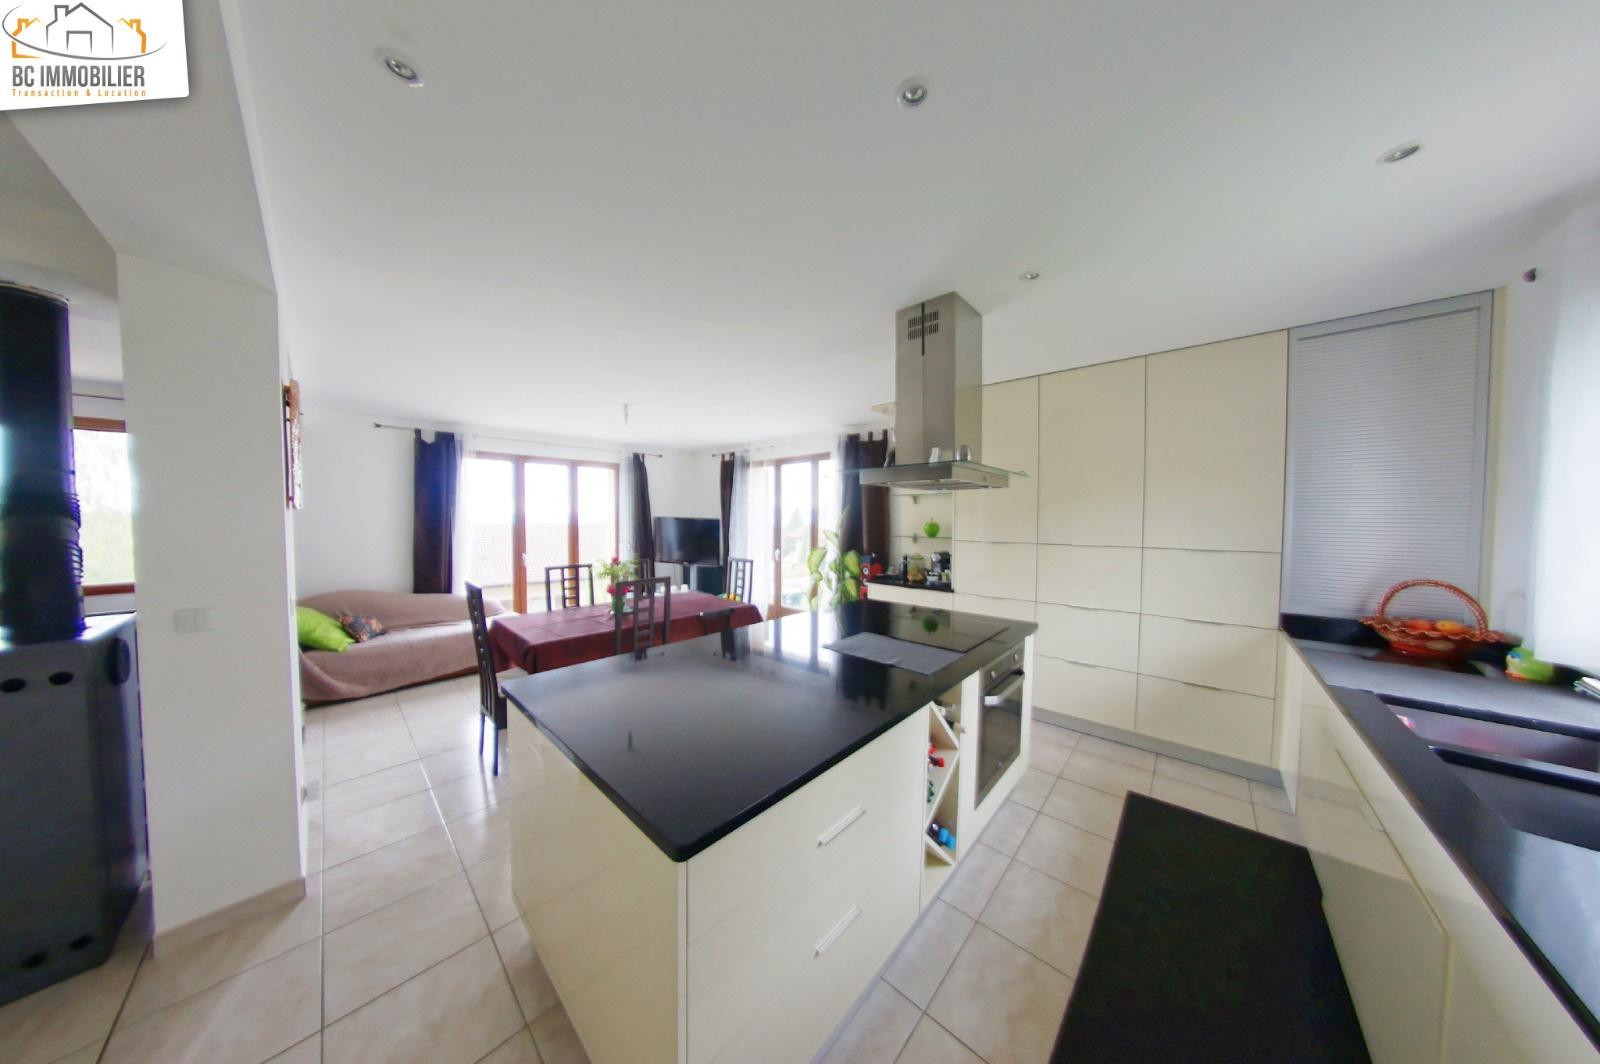 vente p ron maison individuelle 6p sous sol. Black Bedroom Furniture Sets. Home Design Ideas